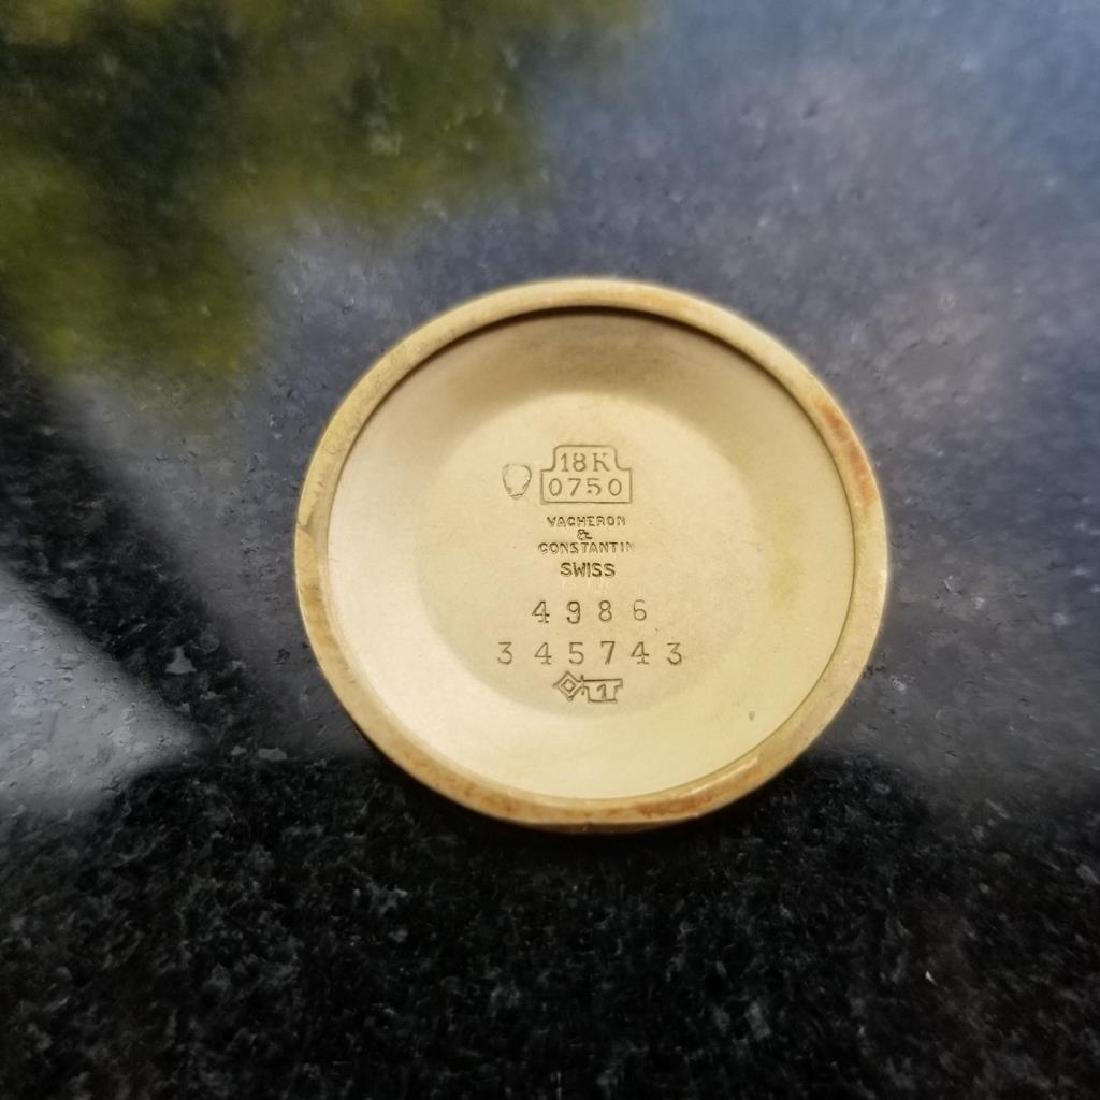 VACHERON & CONSTANTIN Men's 18K Gold 4986 Hand-Wind - 9